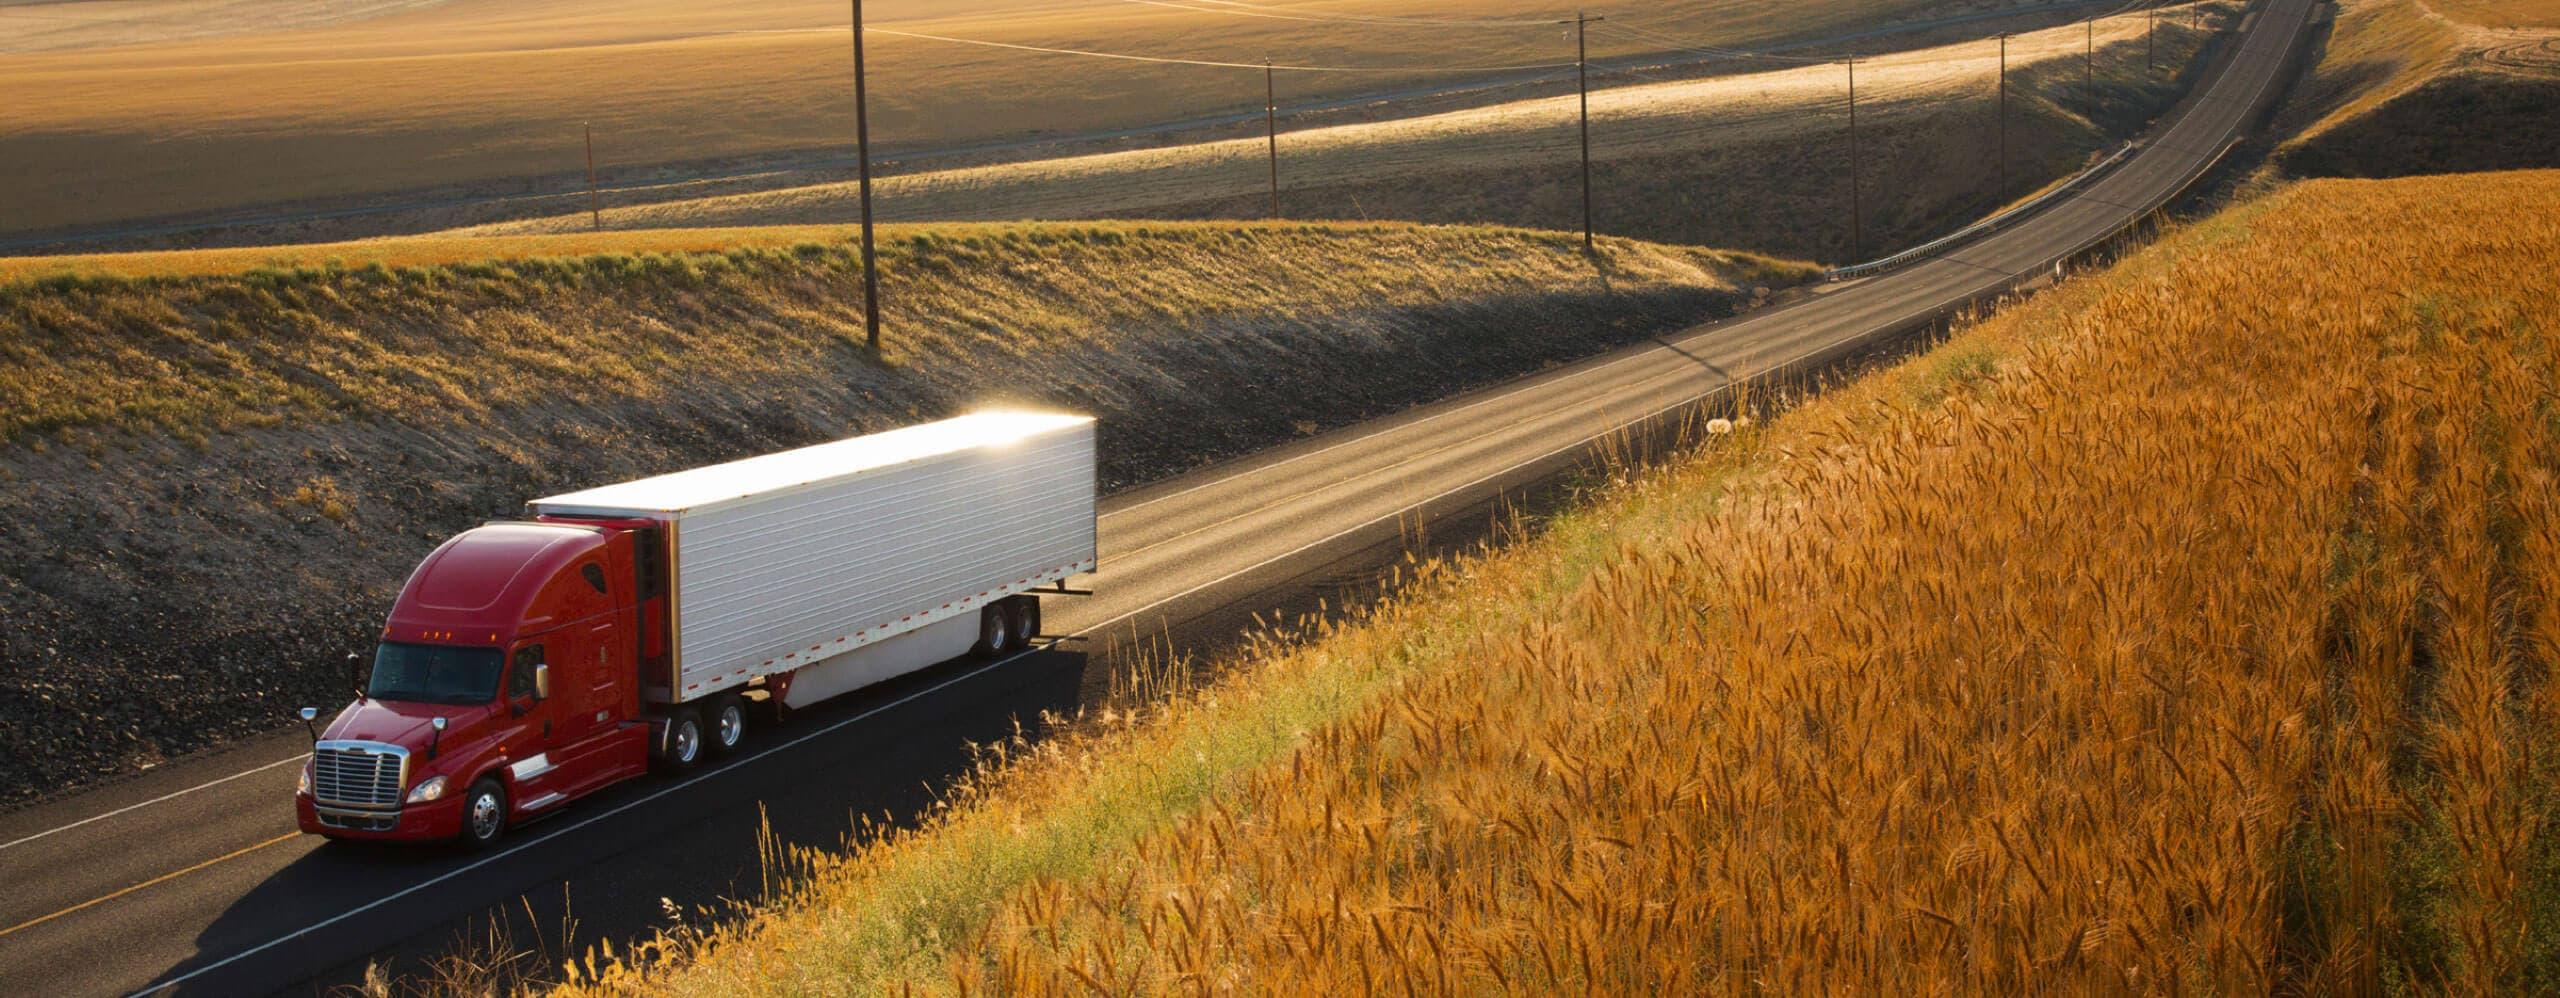 Un camion de transport rouge et blanc qui vient vers nous sur une autoroute à deux voies.